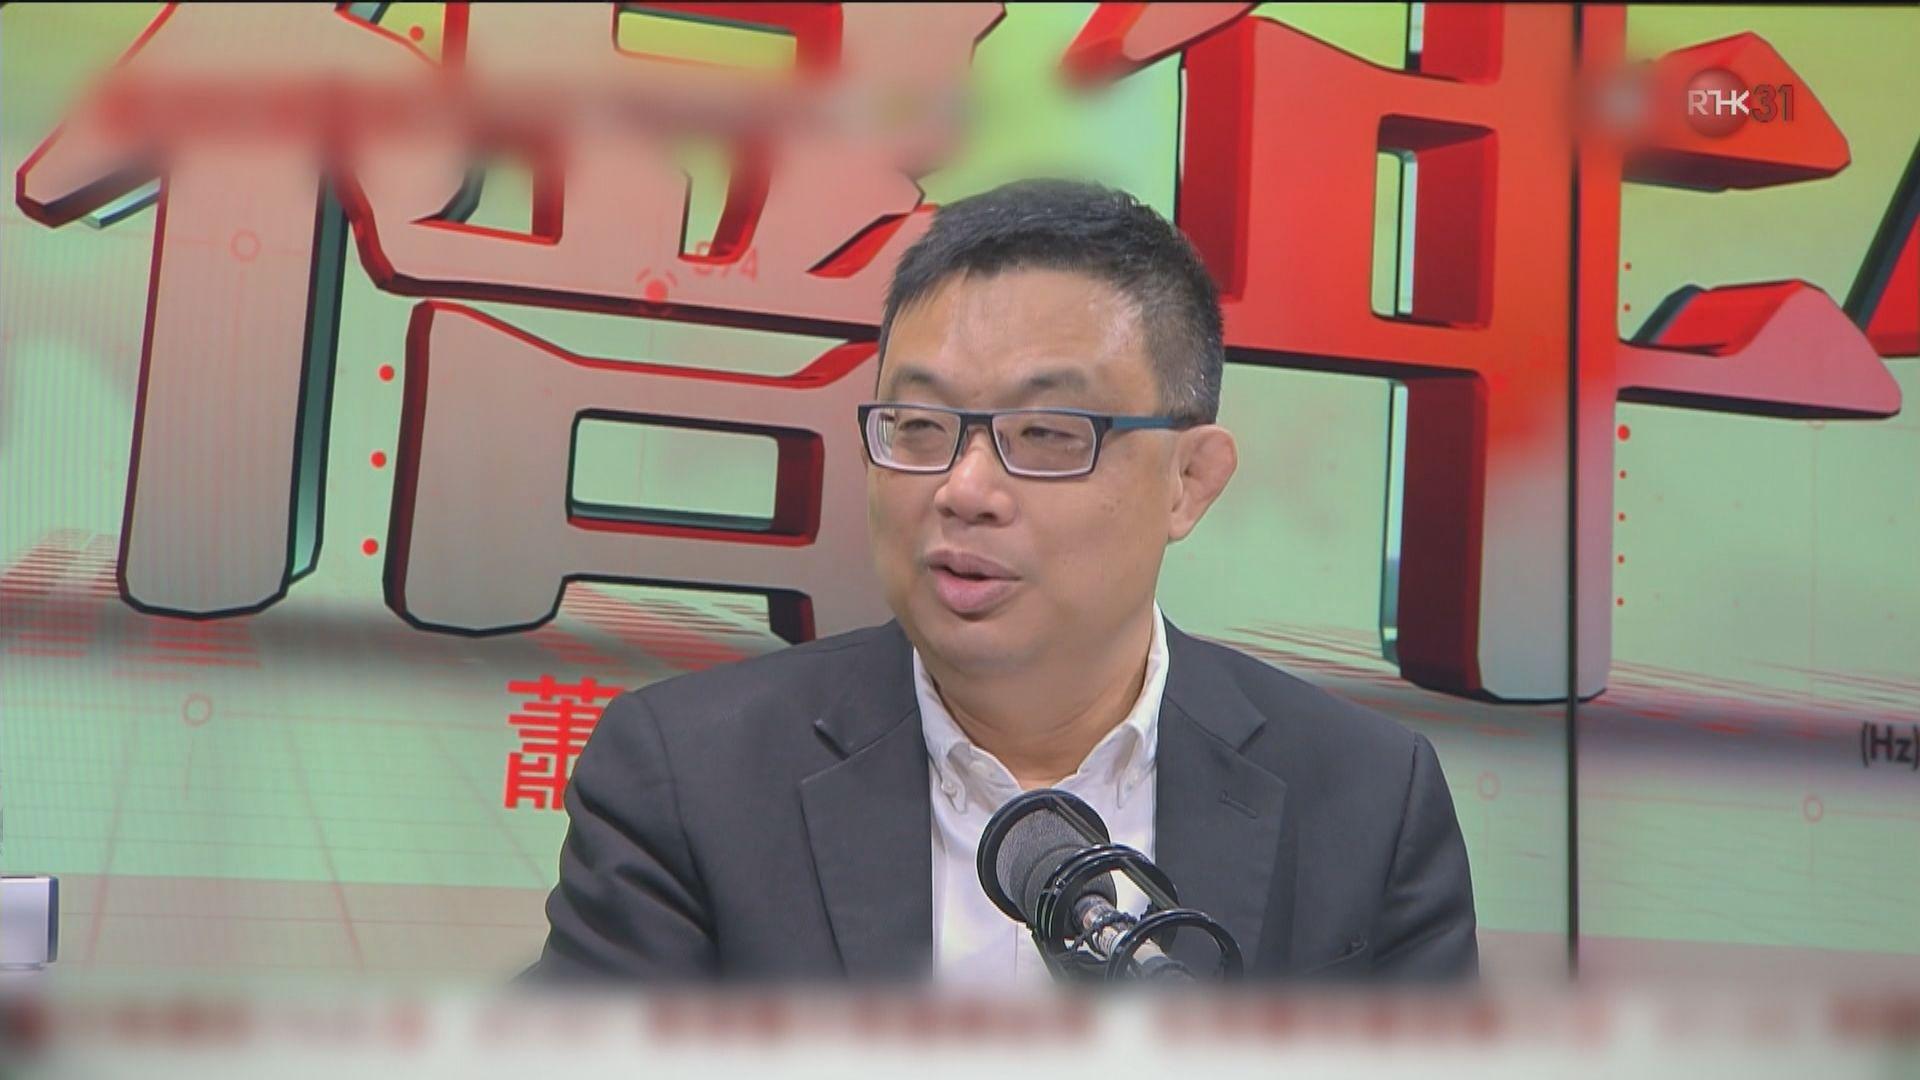 涂謹申:要求引渡等同要求德國表明不信任香港司法制度